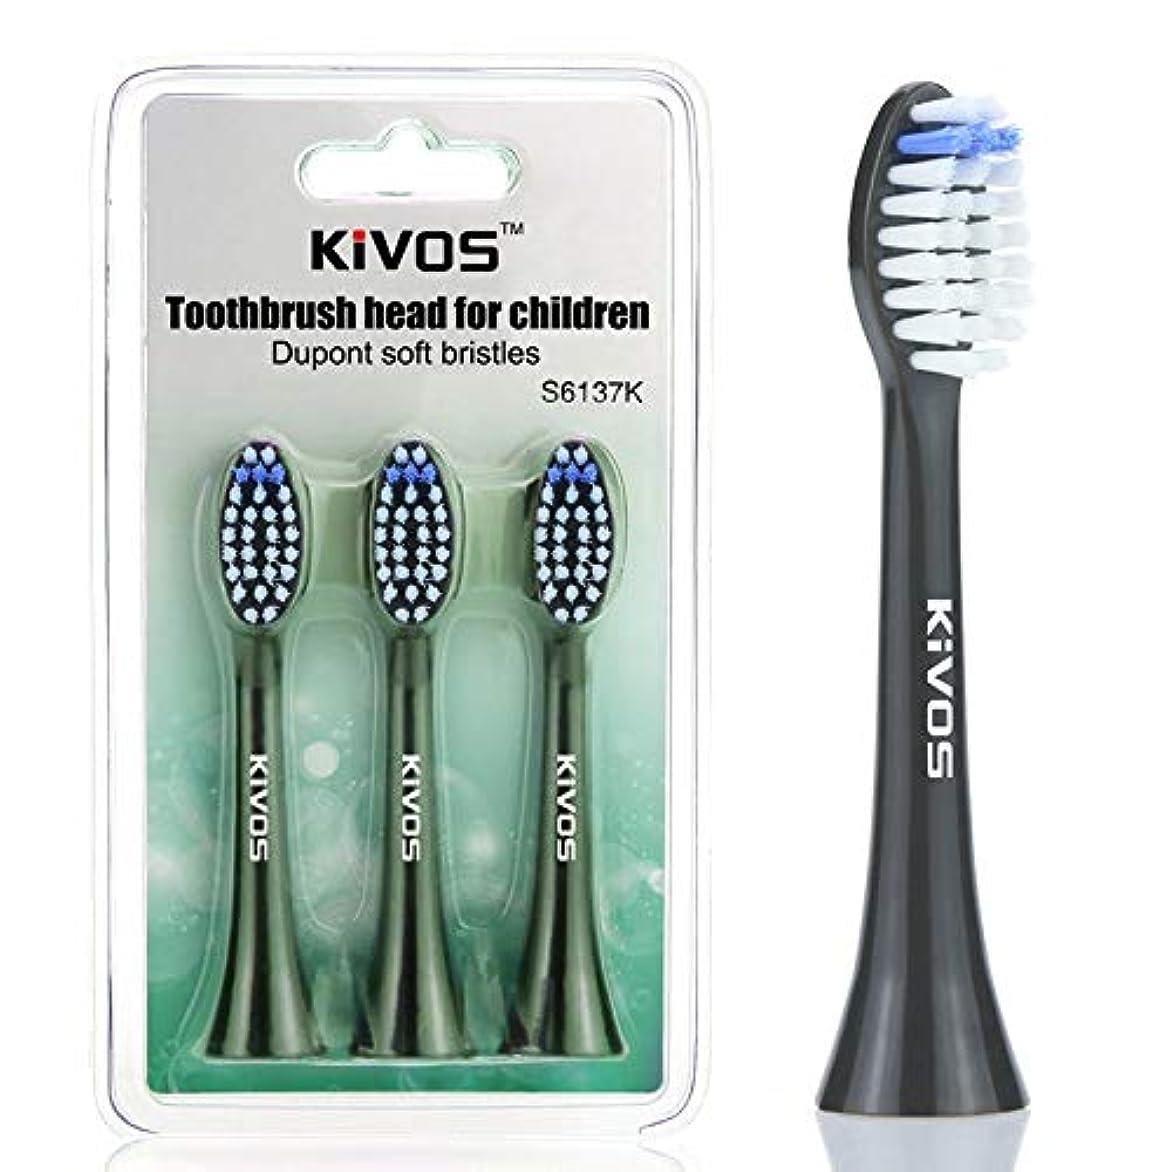 ランプバック学校の先生電動歯ブラシの替えブラシ, KIVOS ディープクリーンエディション ブラシヘッドS5102 S53 S5302 S52 専用替えブラシ 替えブラシ3本(S6137K(シャンパンゴールド))